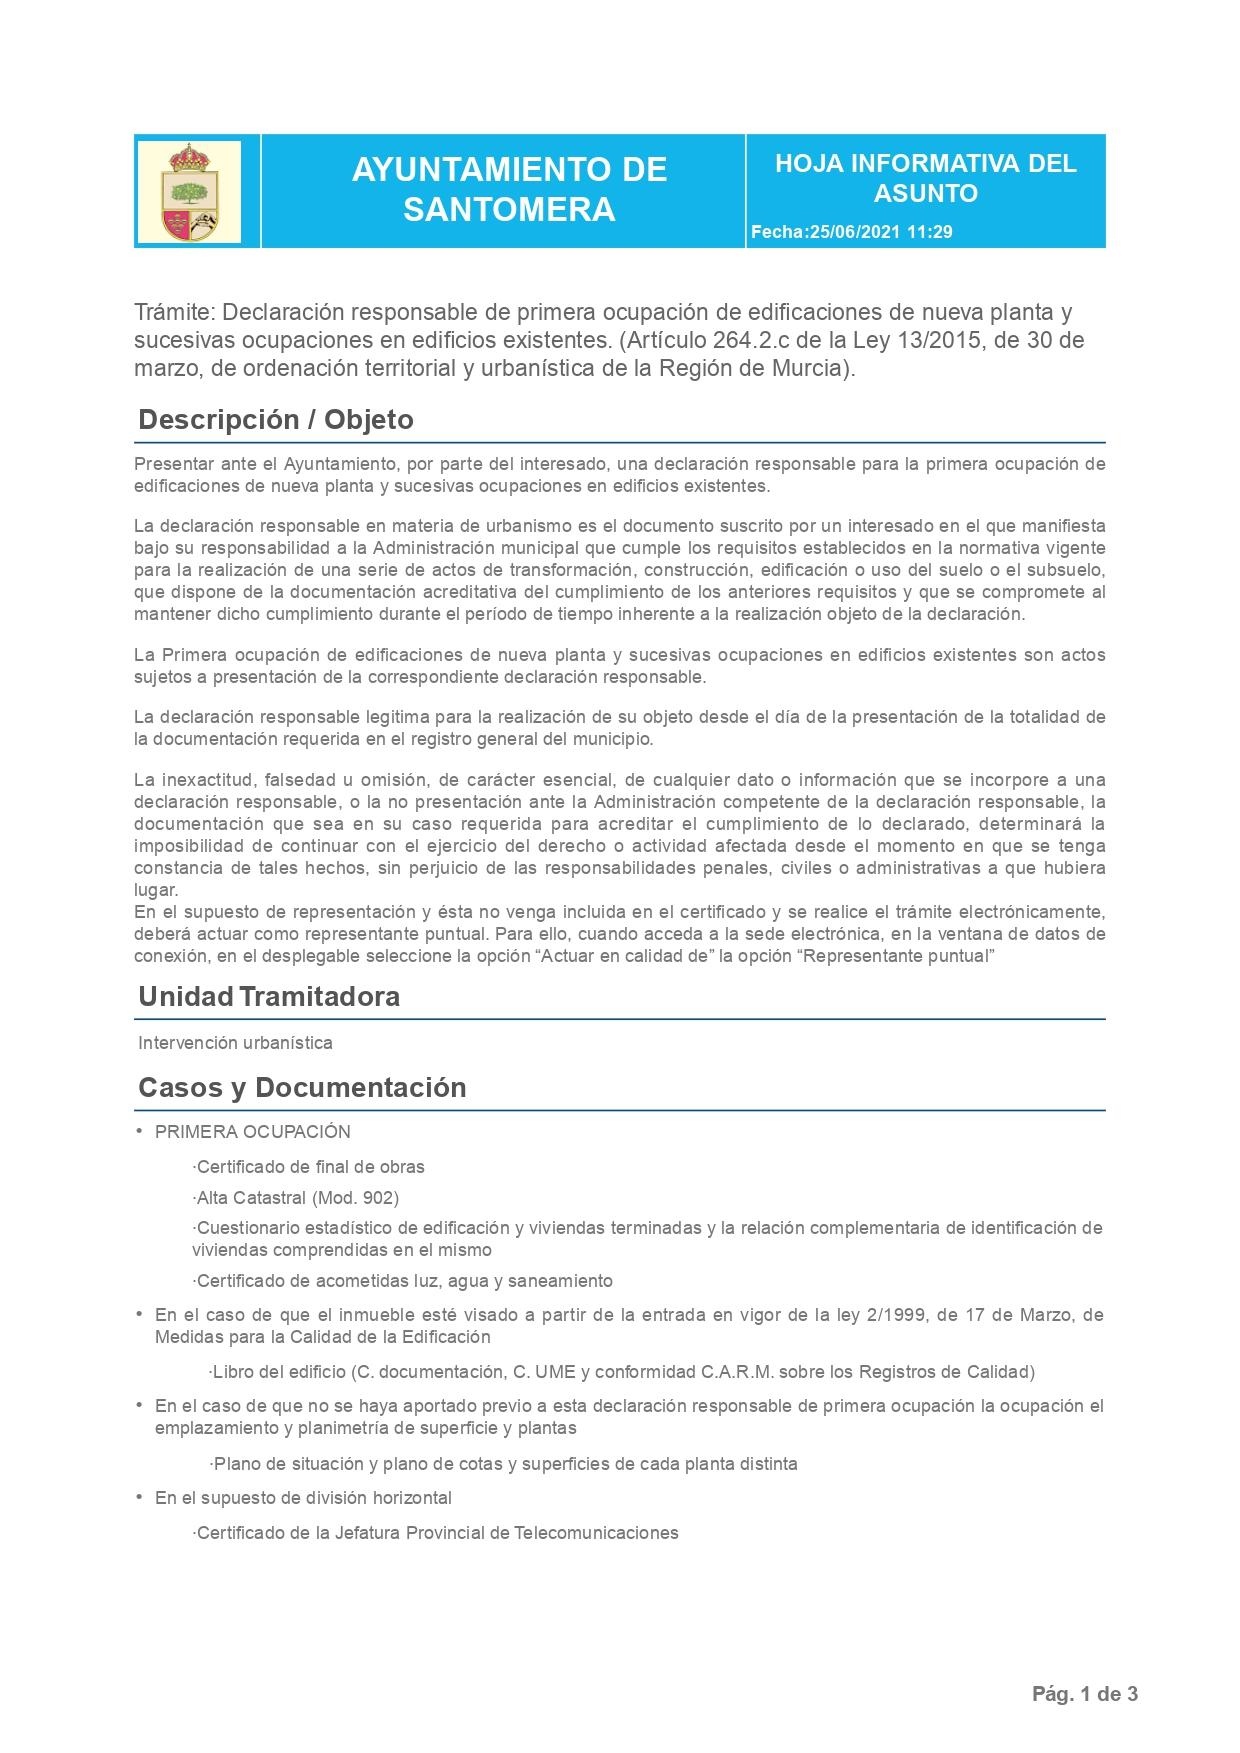 Declaración Responsable Segunda Ocupación Santomera - Cédula de Habitabilidad - Santomera